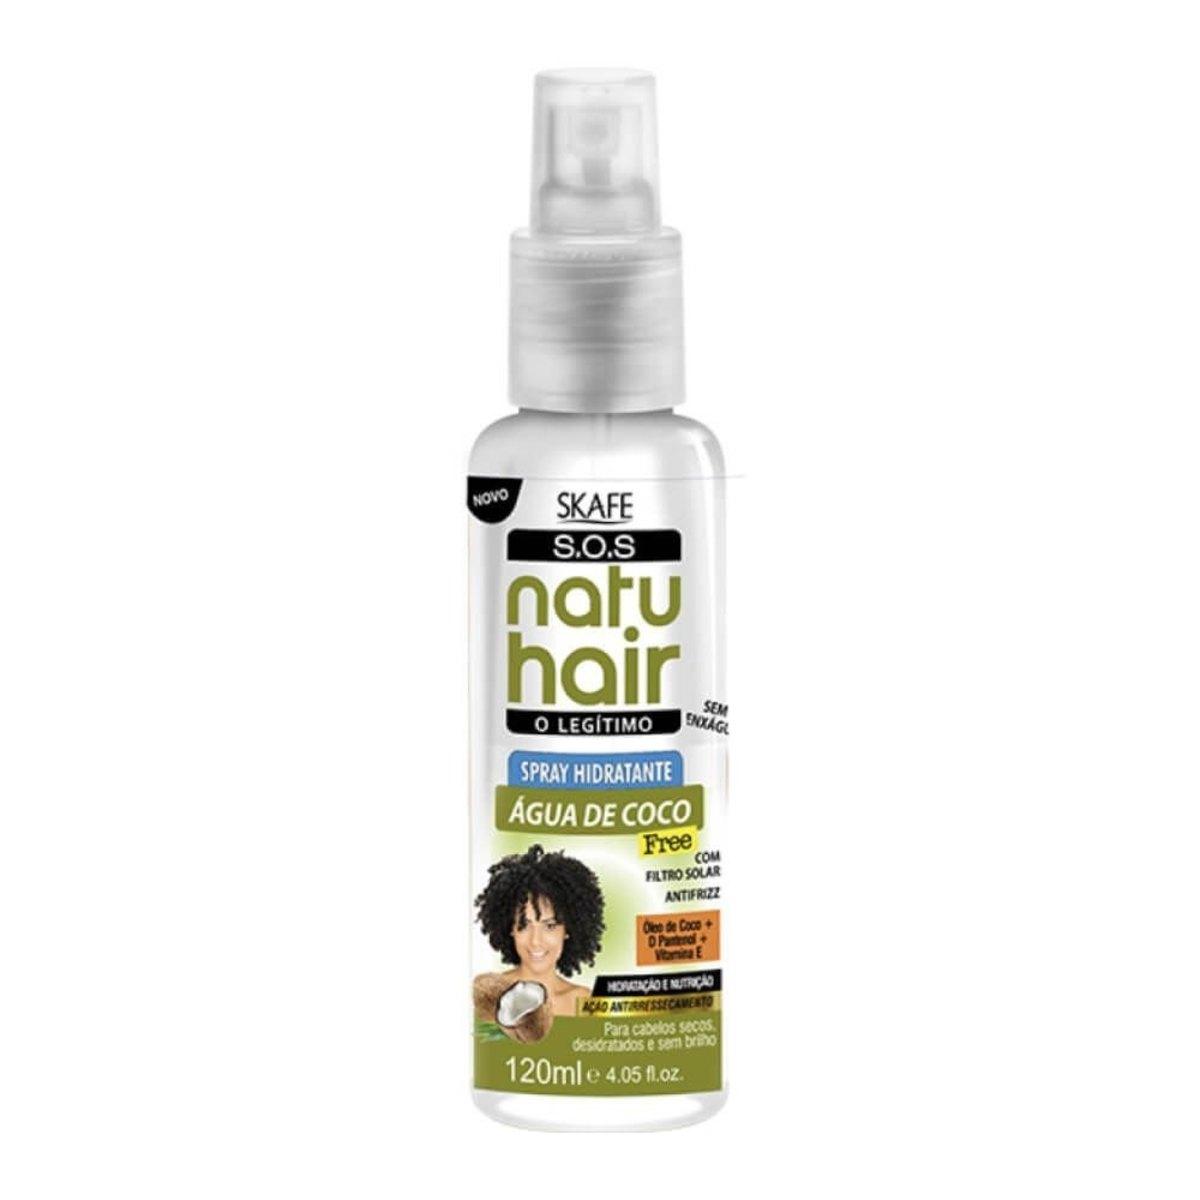 Natu Hair Spray Hidratante Coco 120mL